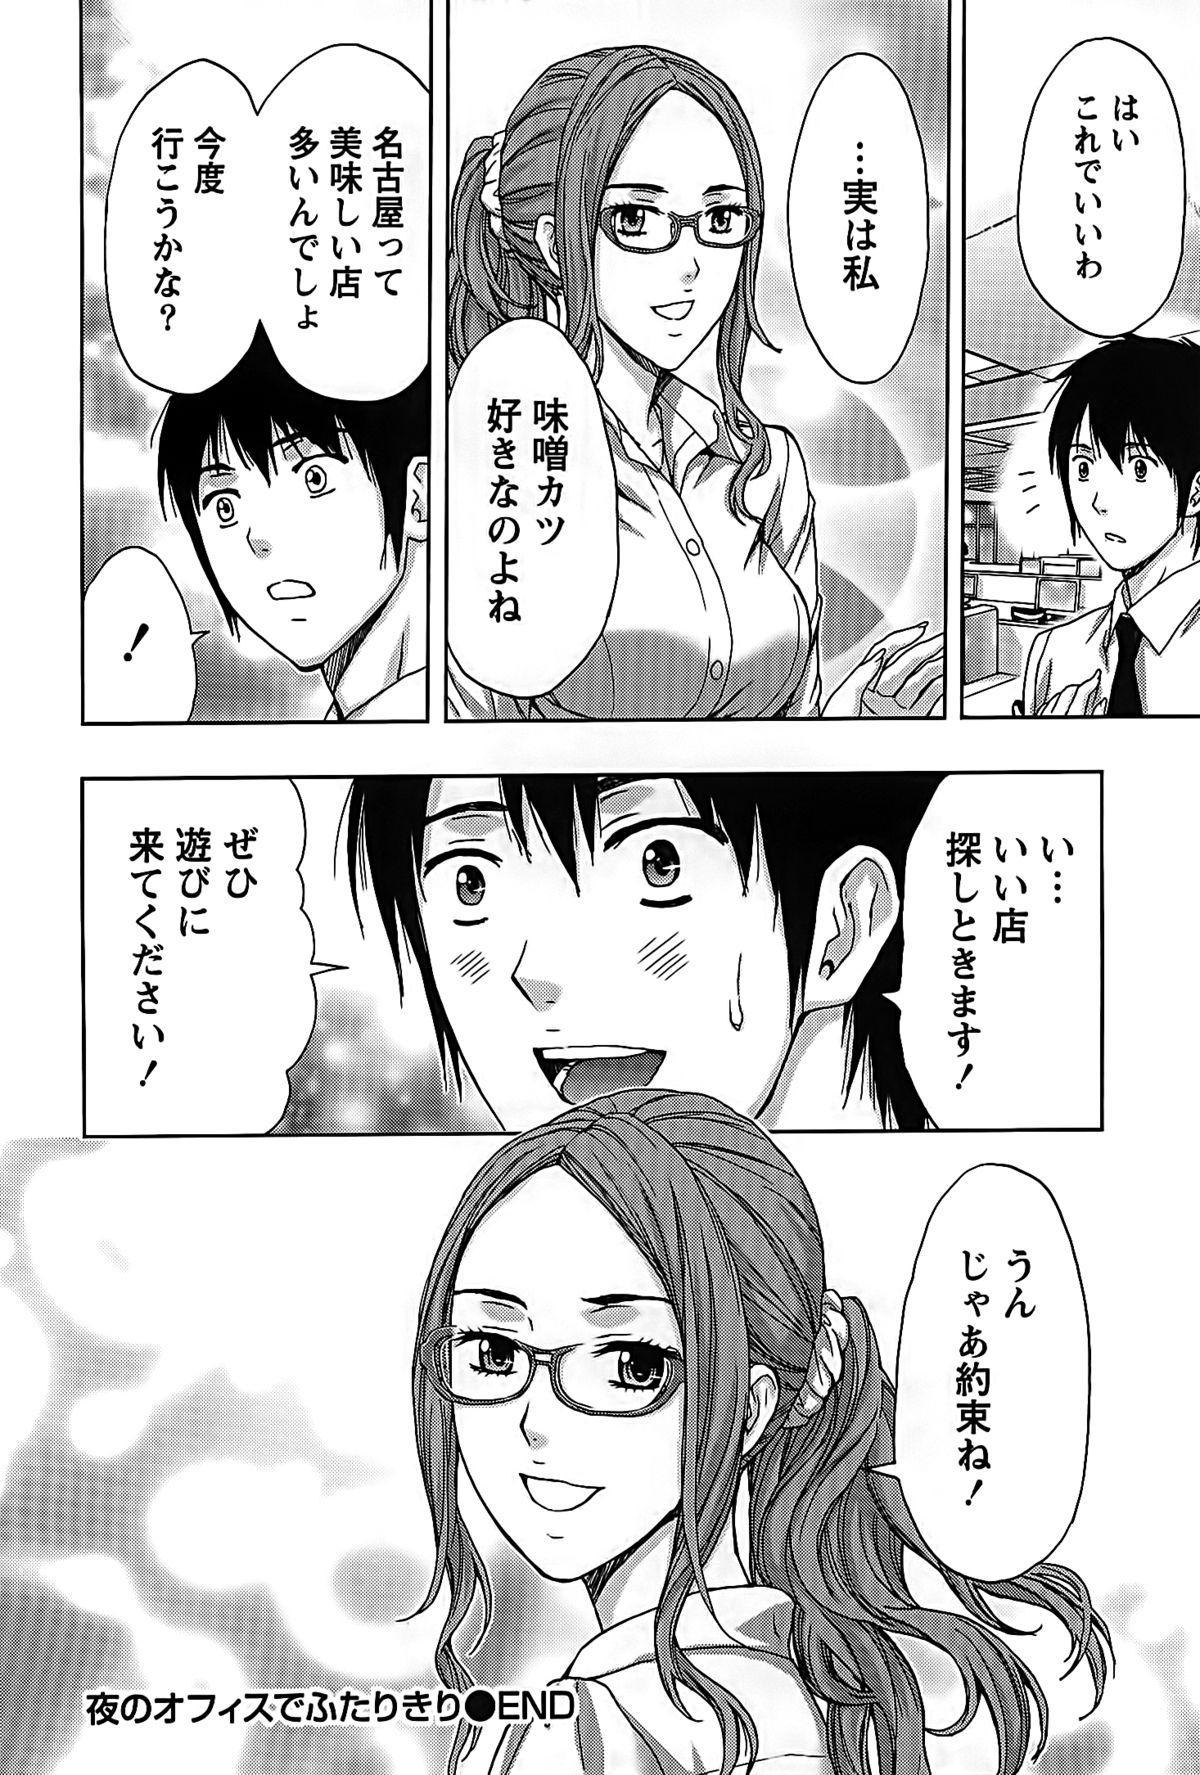 Shittori Lady to Amai Mitsu 43